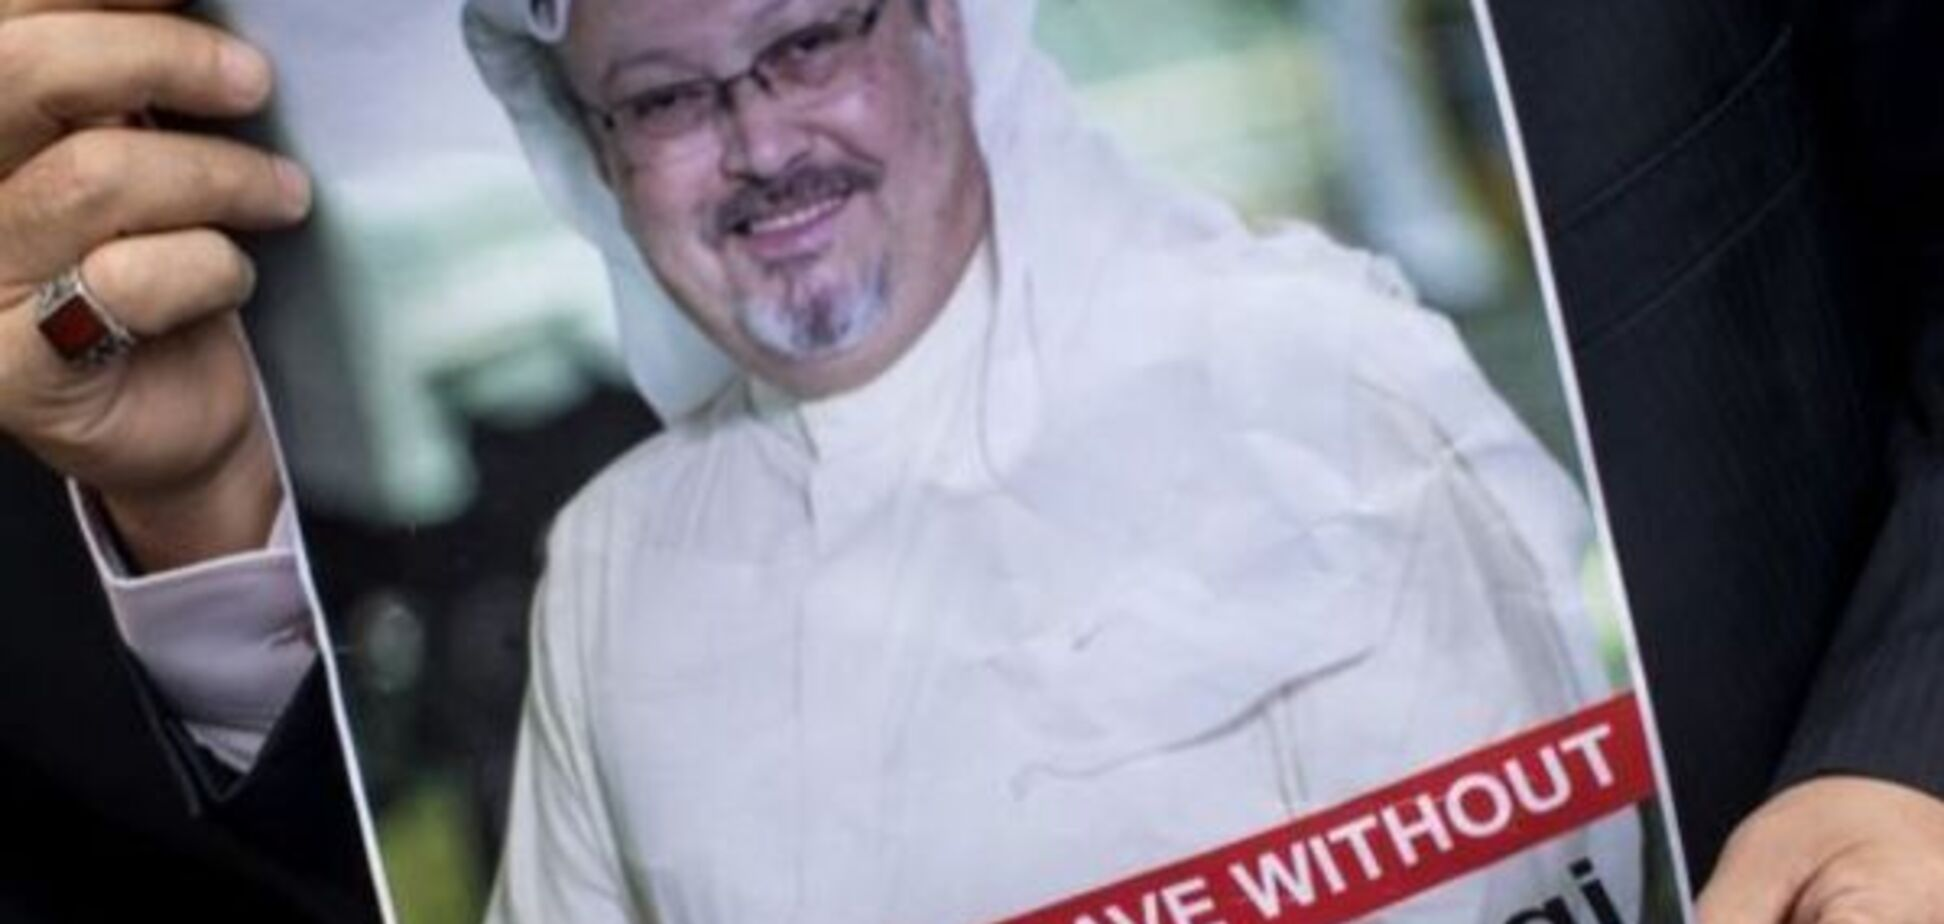 ООН обвинила Саудовскую Аравию в зверском убийстве Хашогги